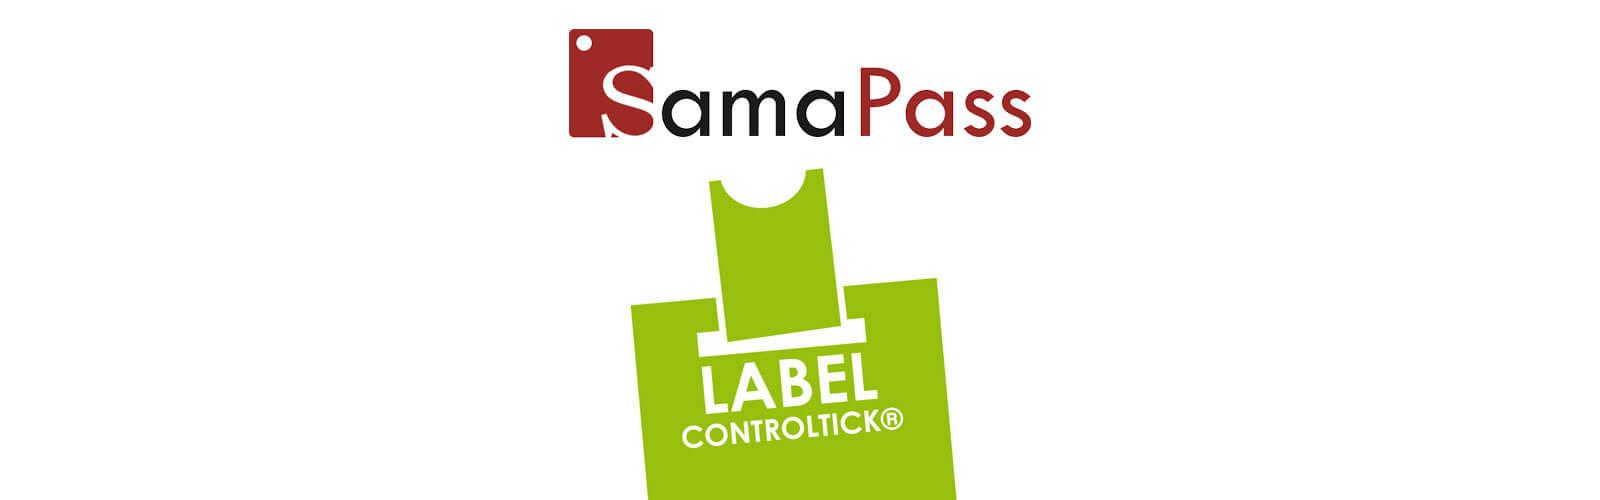 Sama pass, une solution de billetterie dédiée aux événements